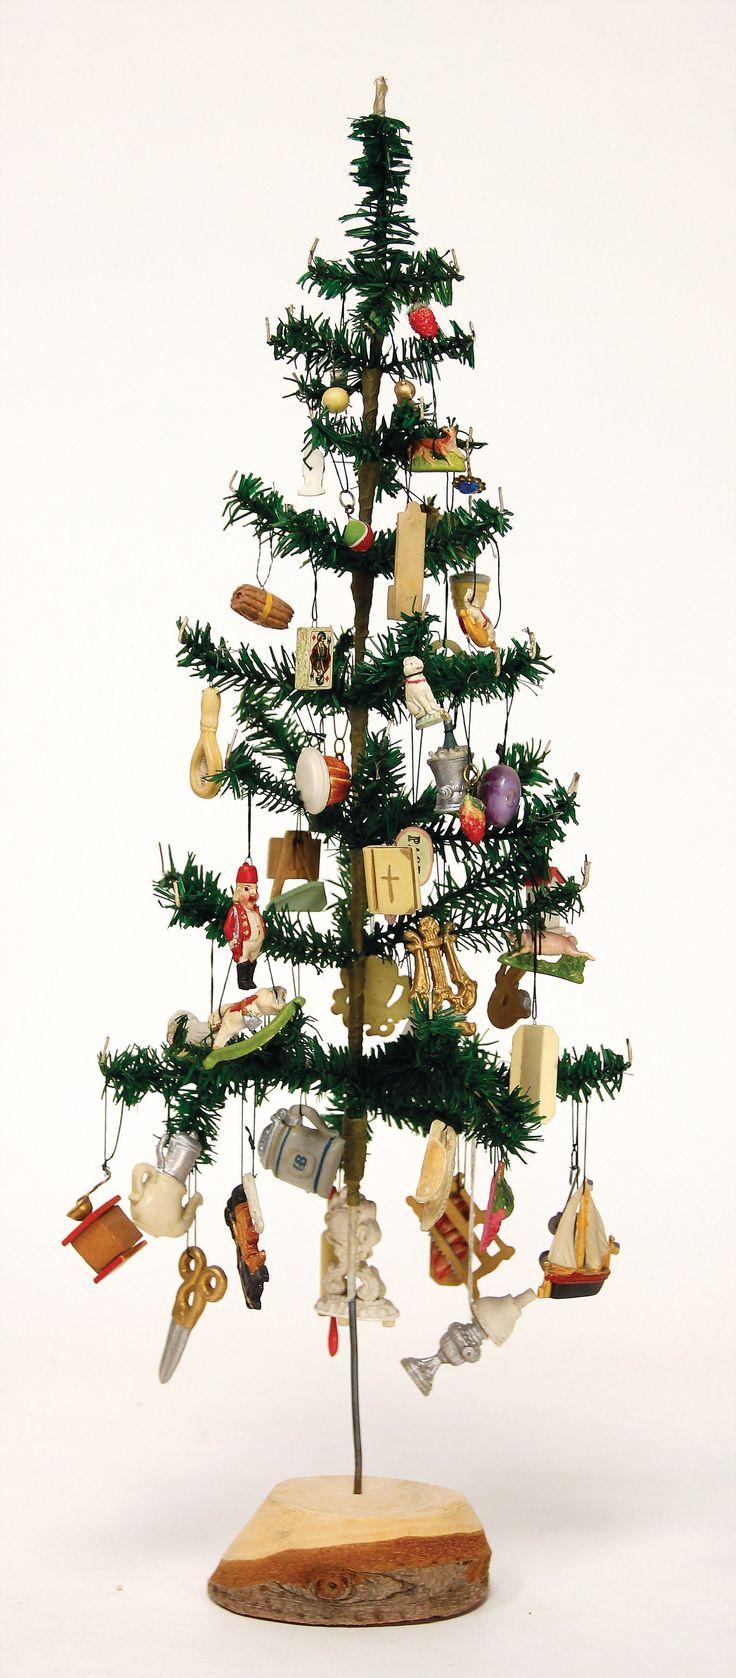 die besten 25 christbaumst nder ideen auf pinterest weihnachtsbaum sockel primitiver. Black Bedroom Furniture Sets. Home Design Ideas